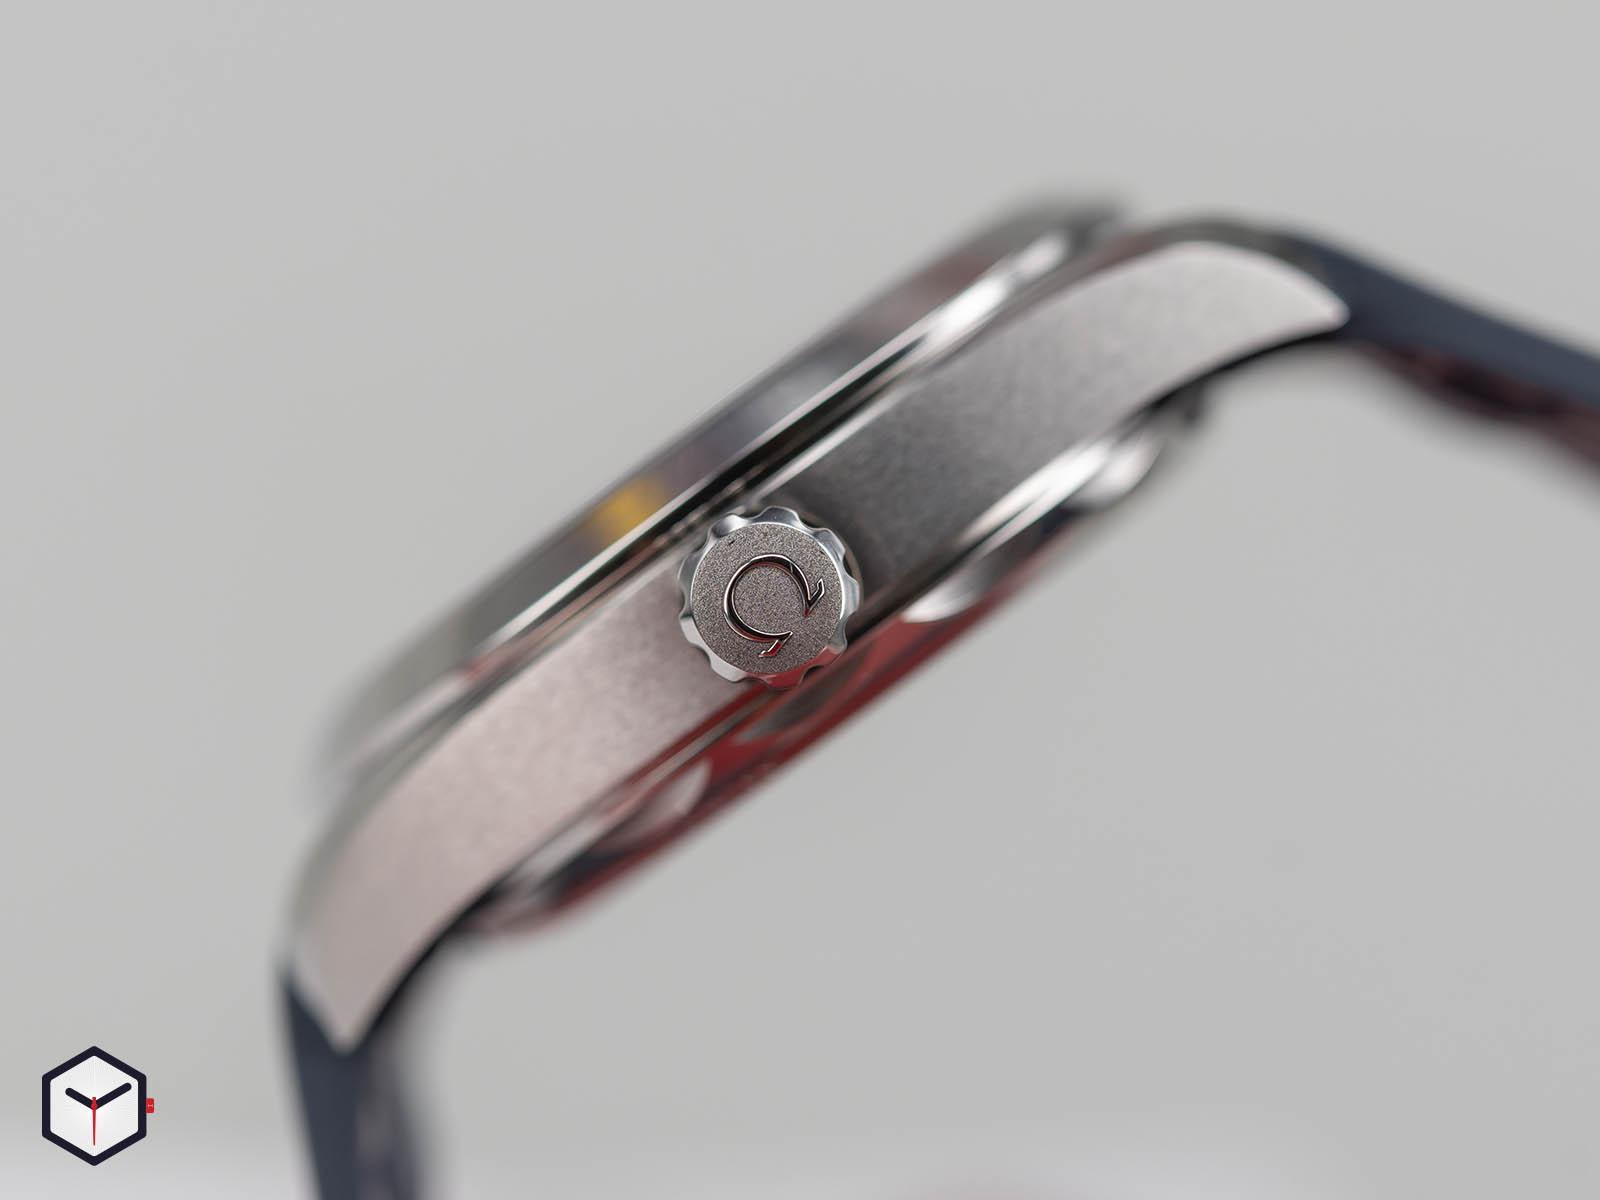 omega-aqua-terra-150m-co-axial-master-chronometer-small-seconds-41mm-5.jpg